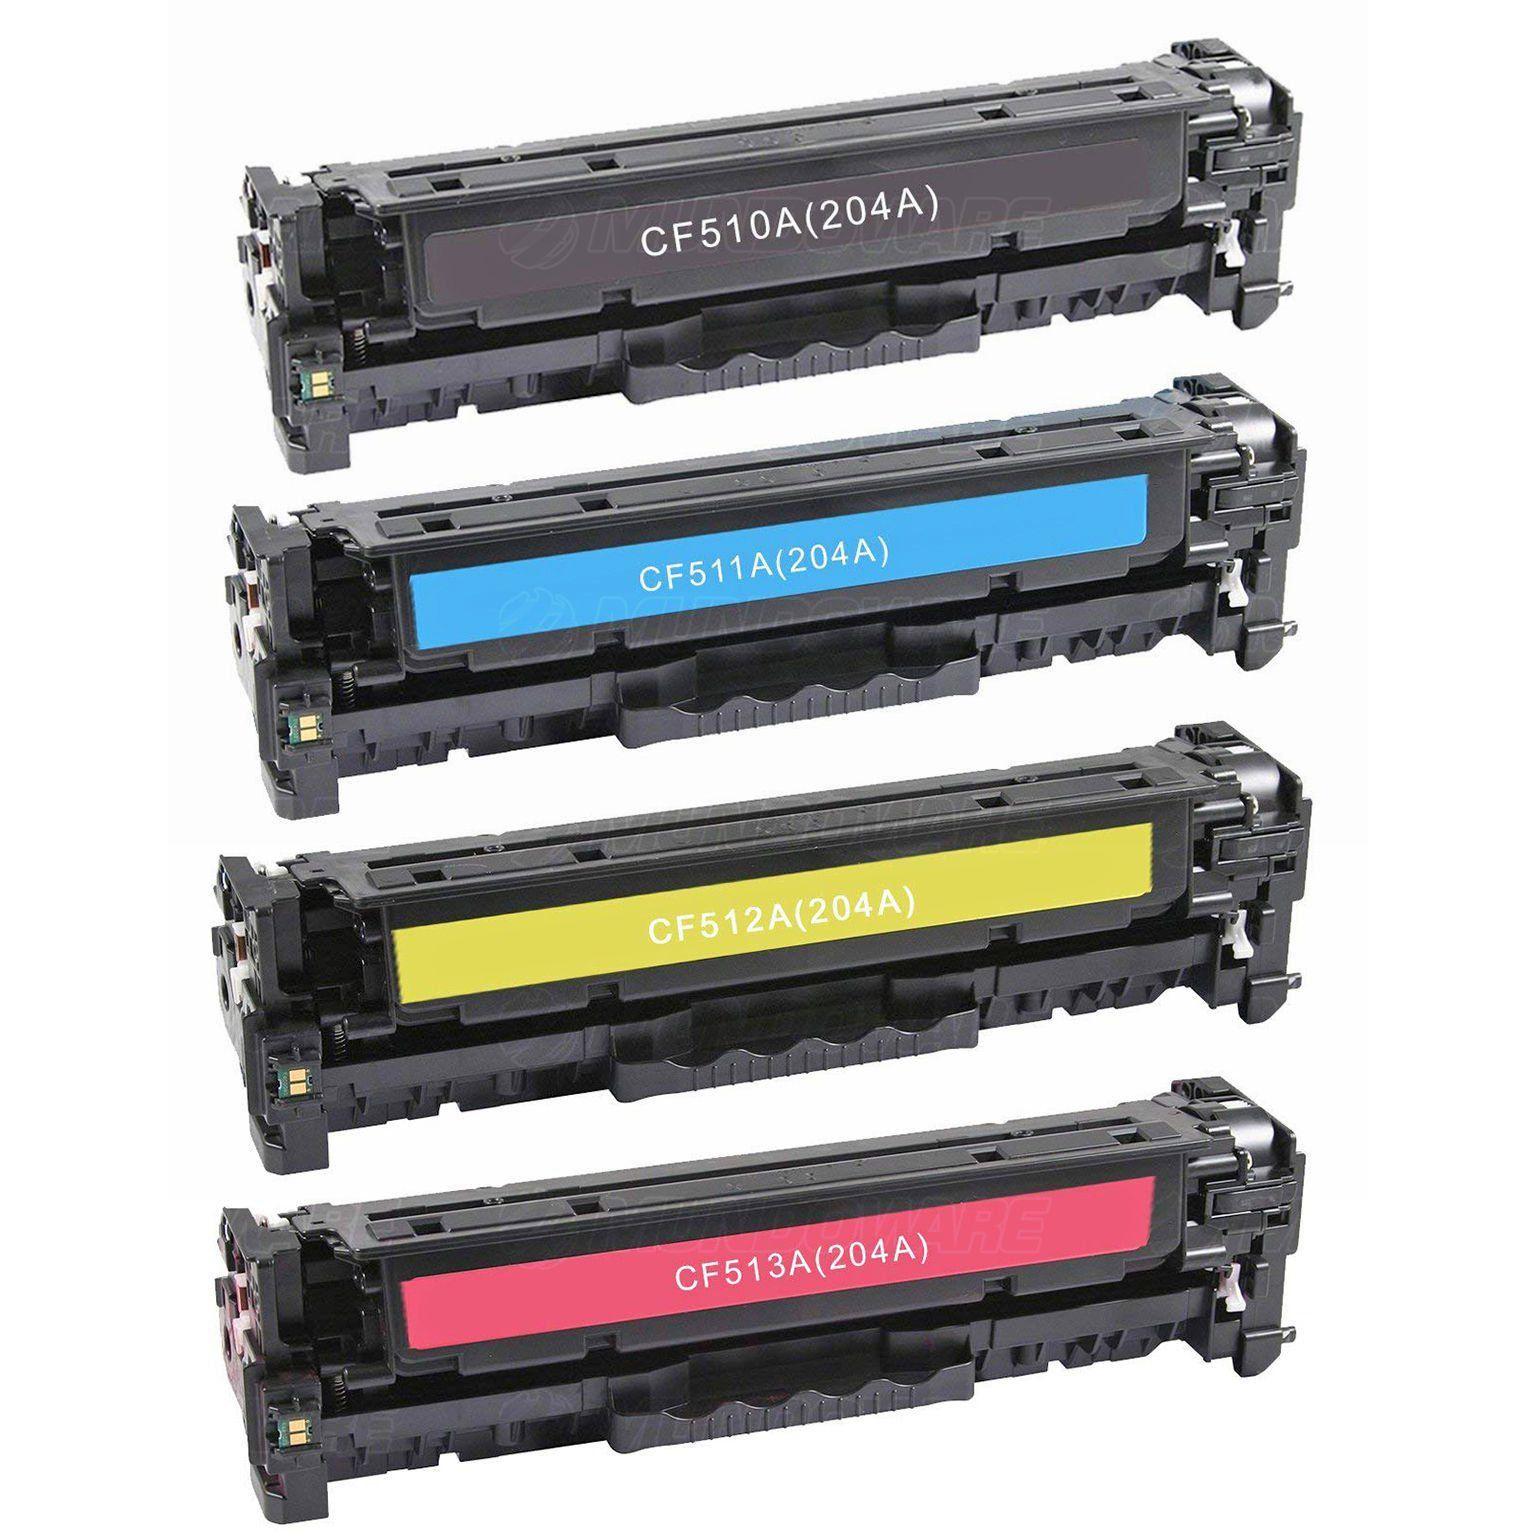 Compatível: Kit Colorido de Toner CF510A CF511A CF512A CF513A para HP M154a M154nw M180n M180nw M181 M181fw 154nw 181fw